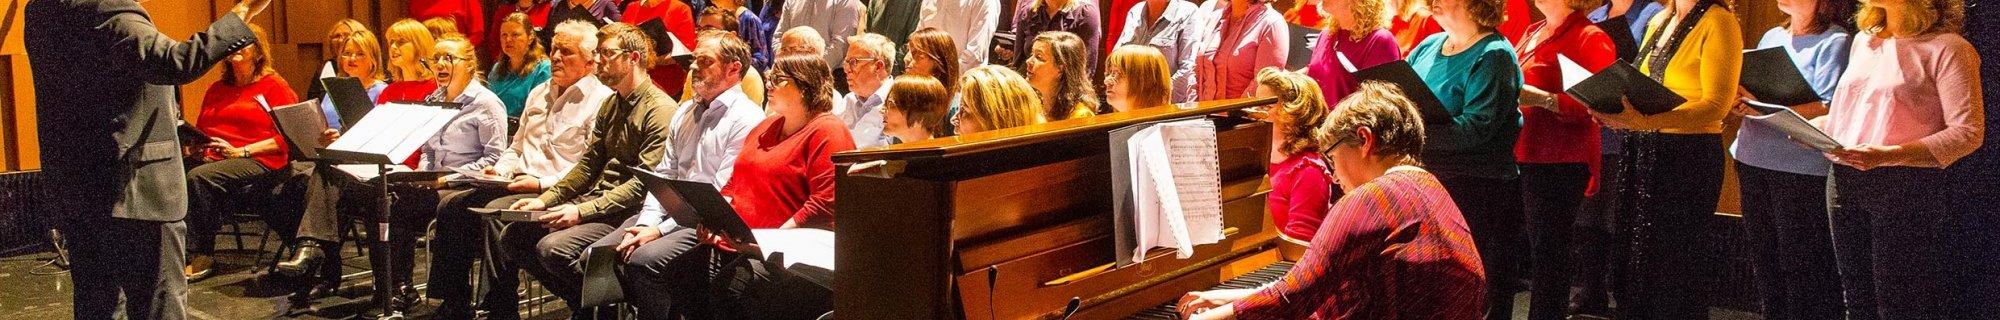 dlr Workplace choir